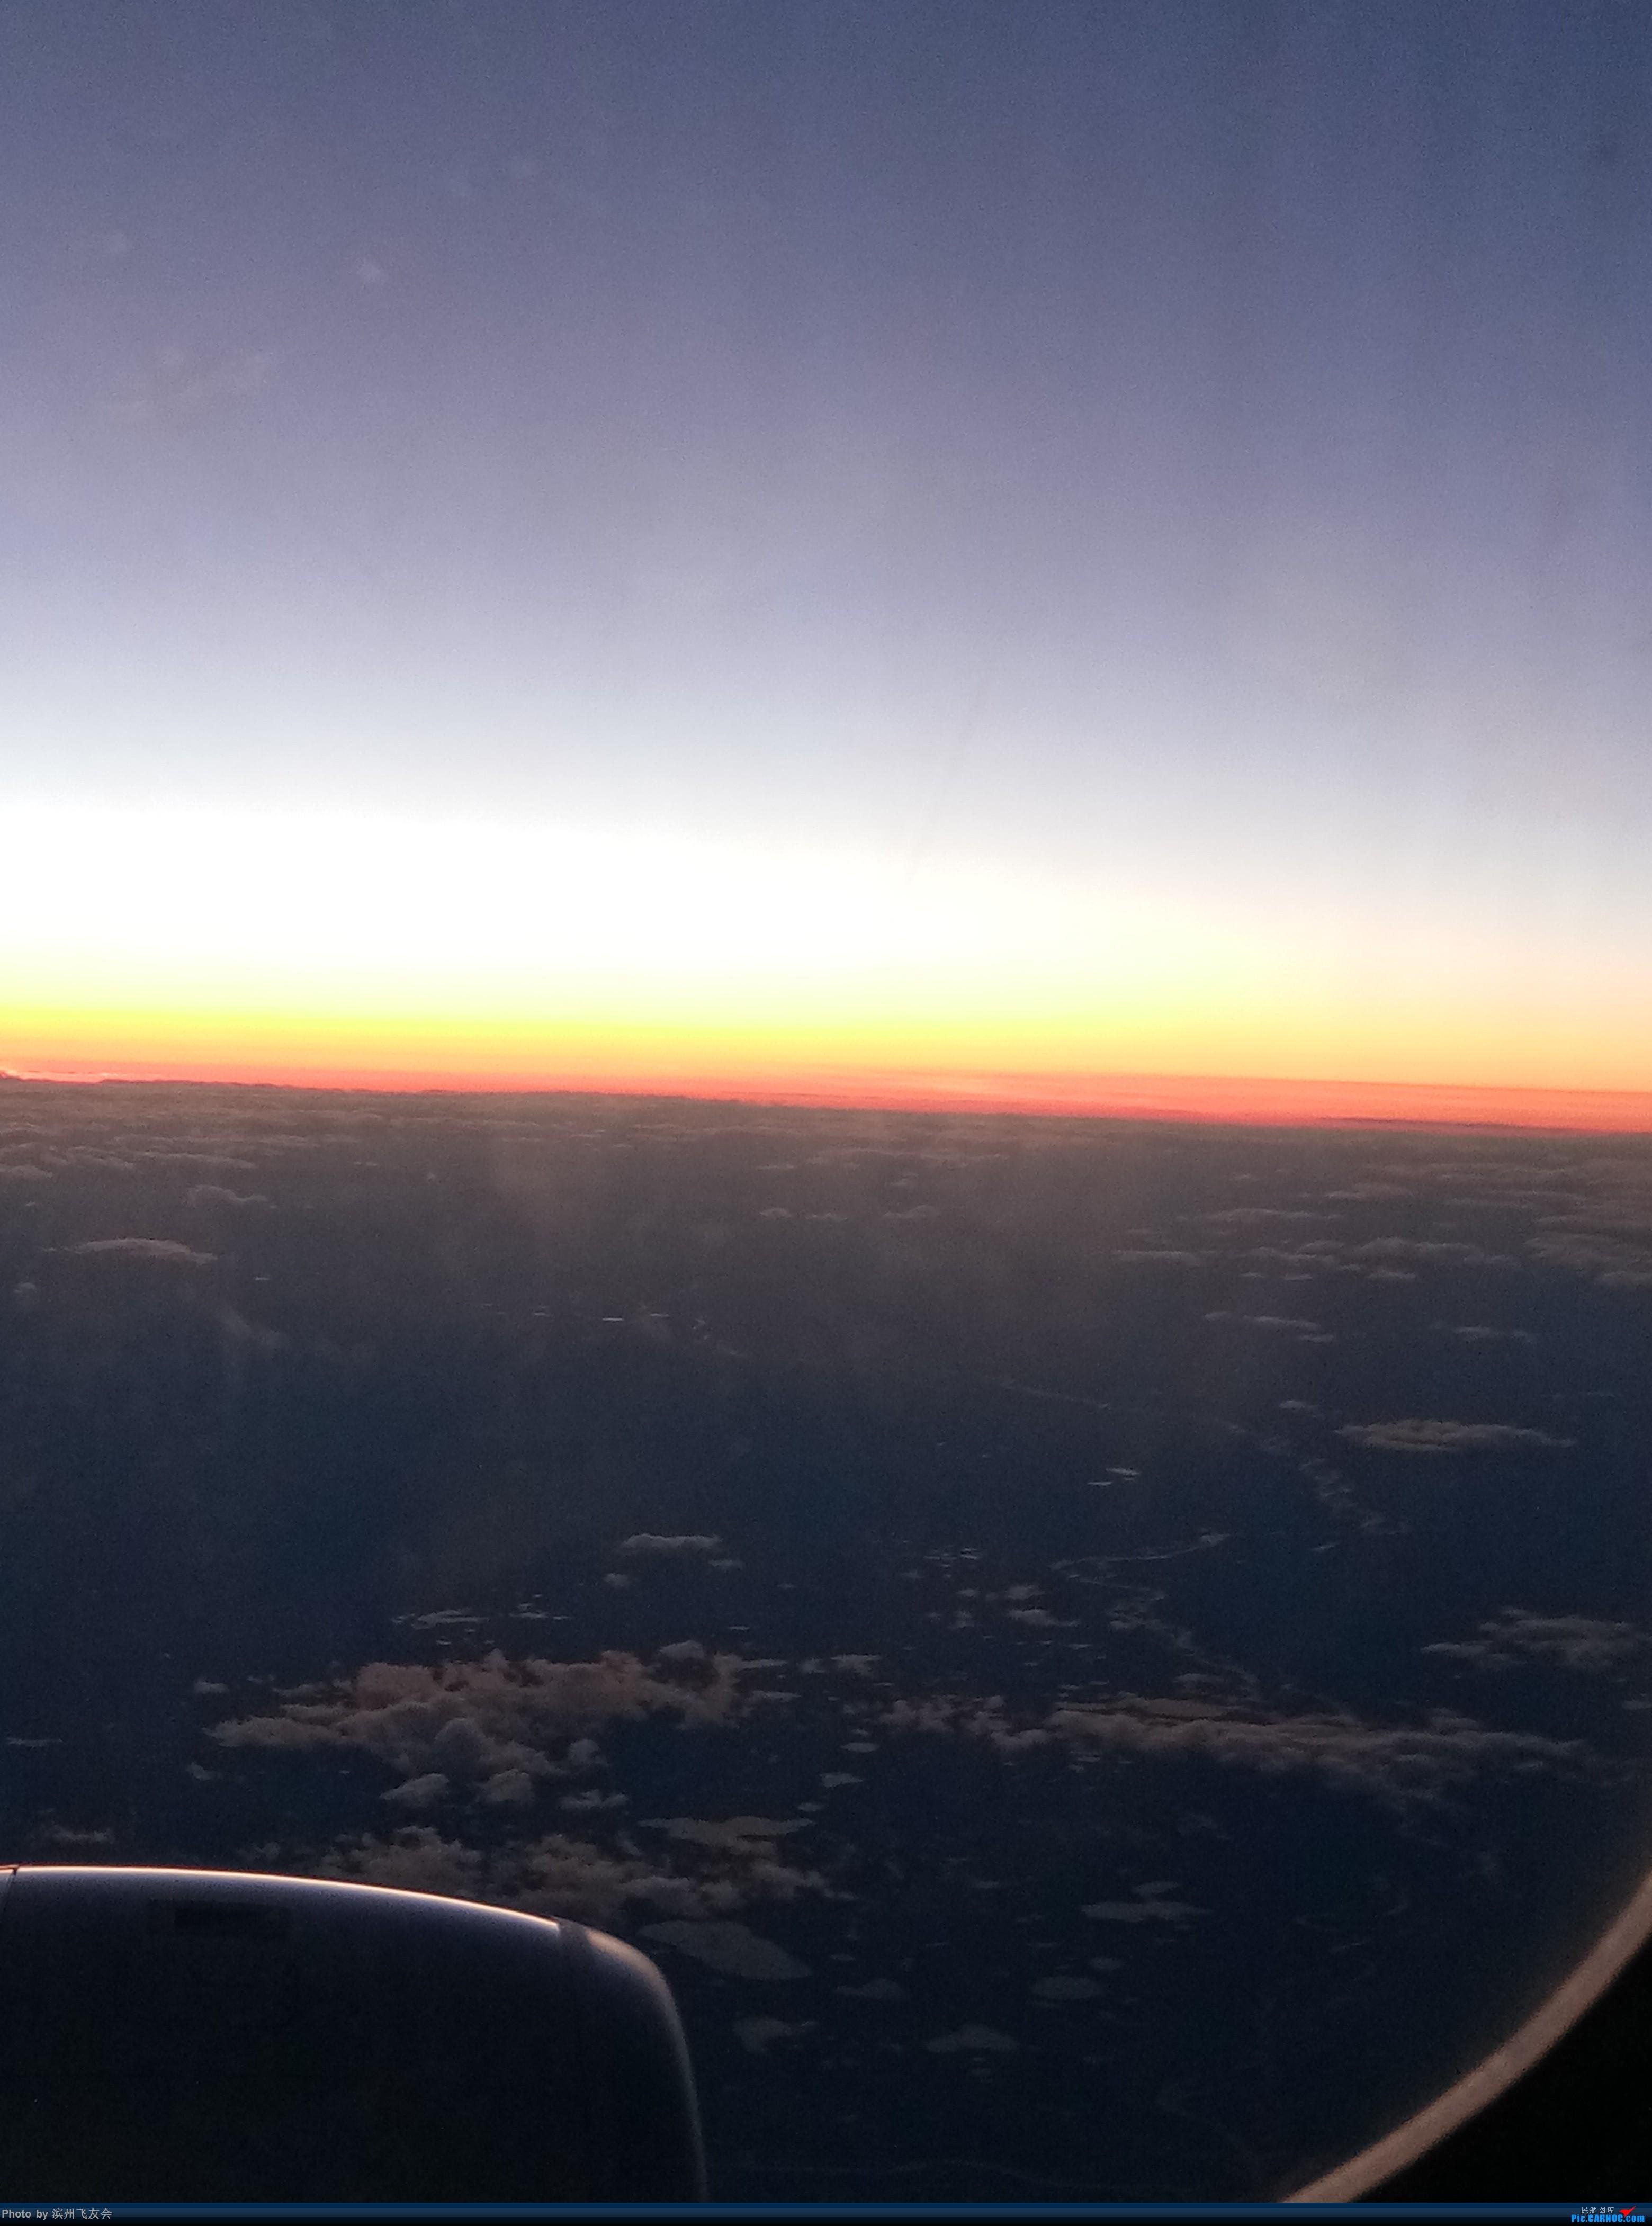 Re:[原创]逐梦路上――带你见识一个不一样的温哥华~ AIRBUS A330-300 B-5978